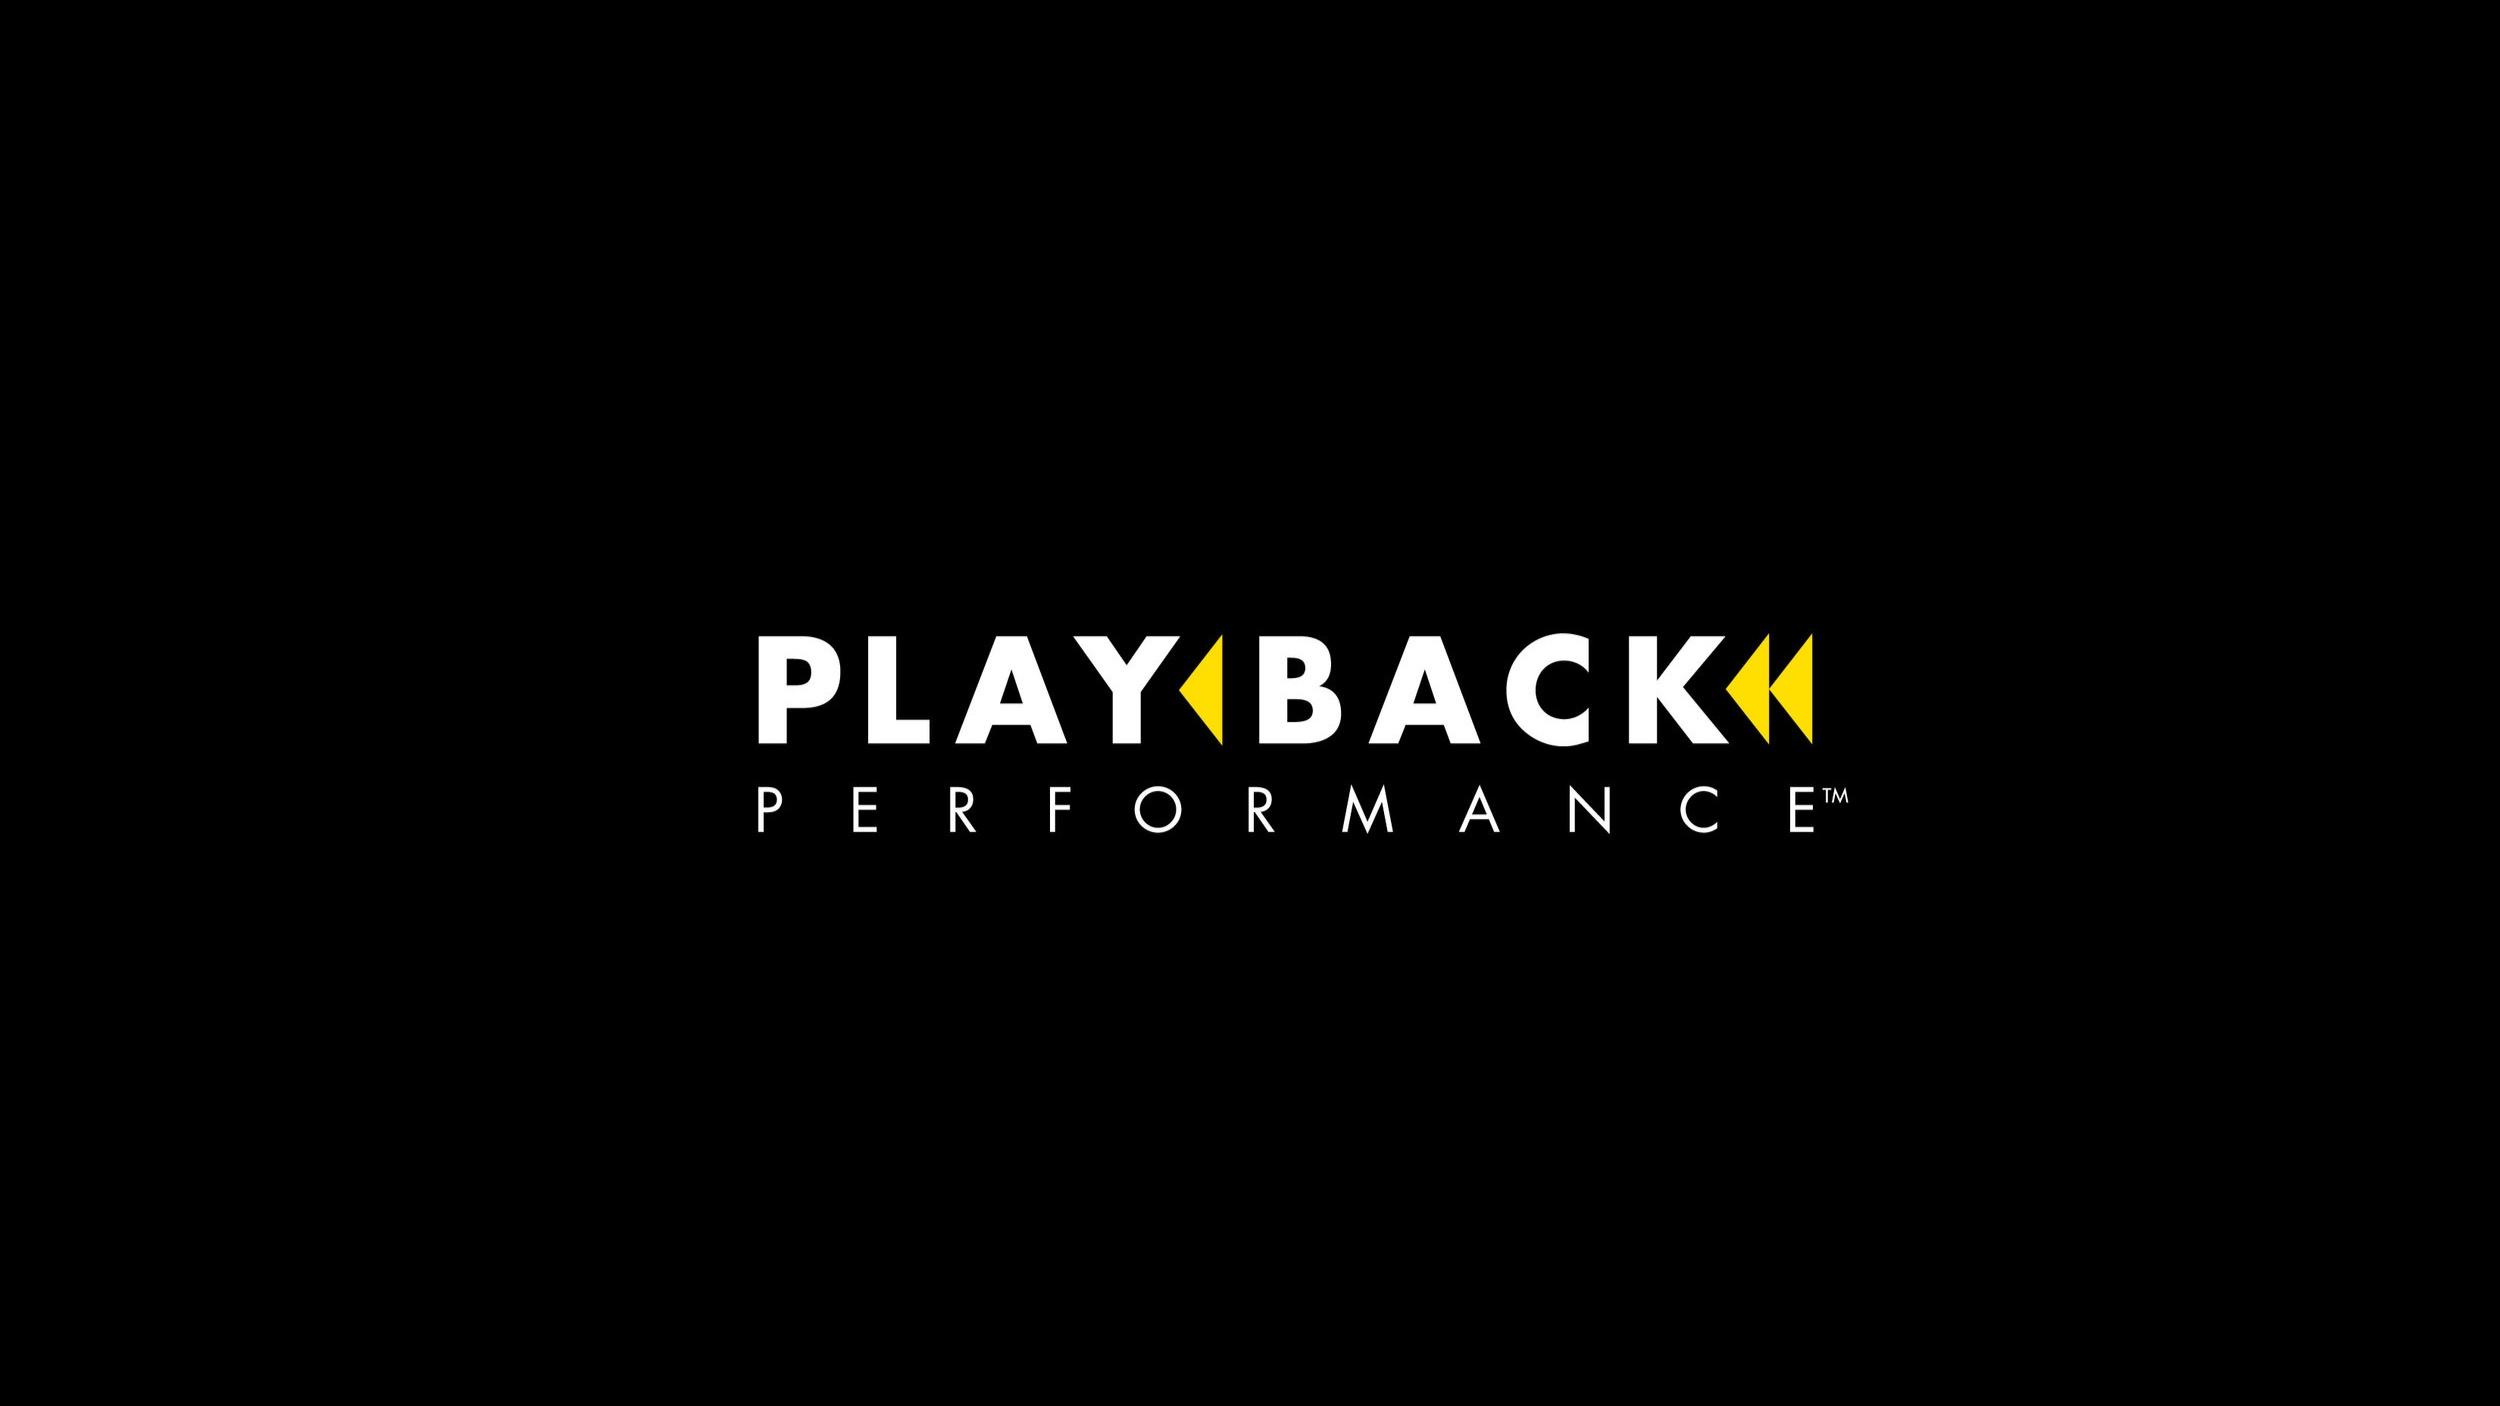 playback_KO_final.jpg